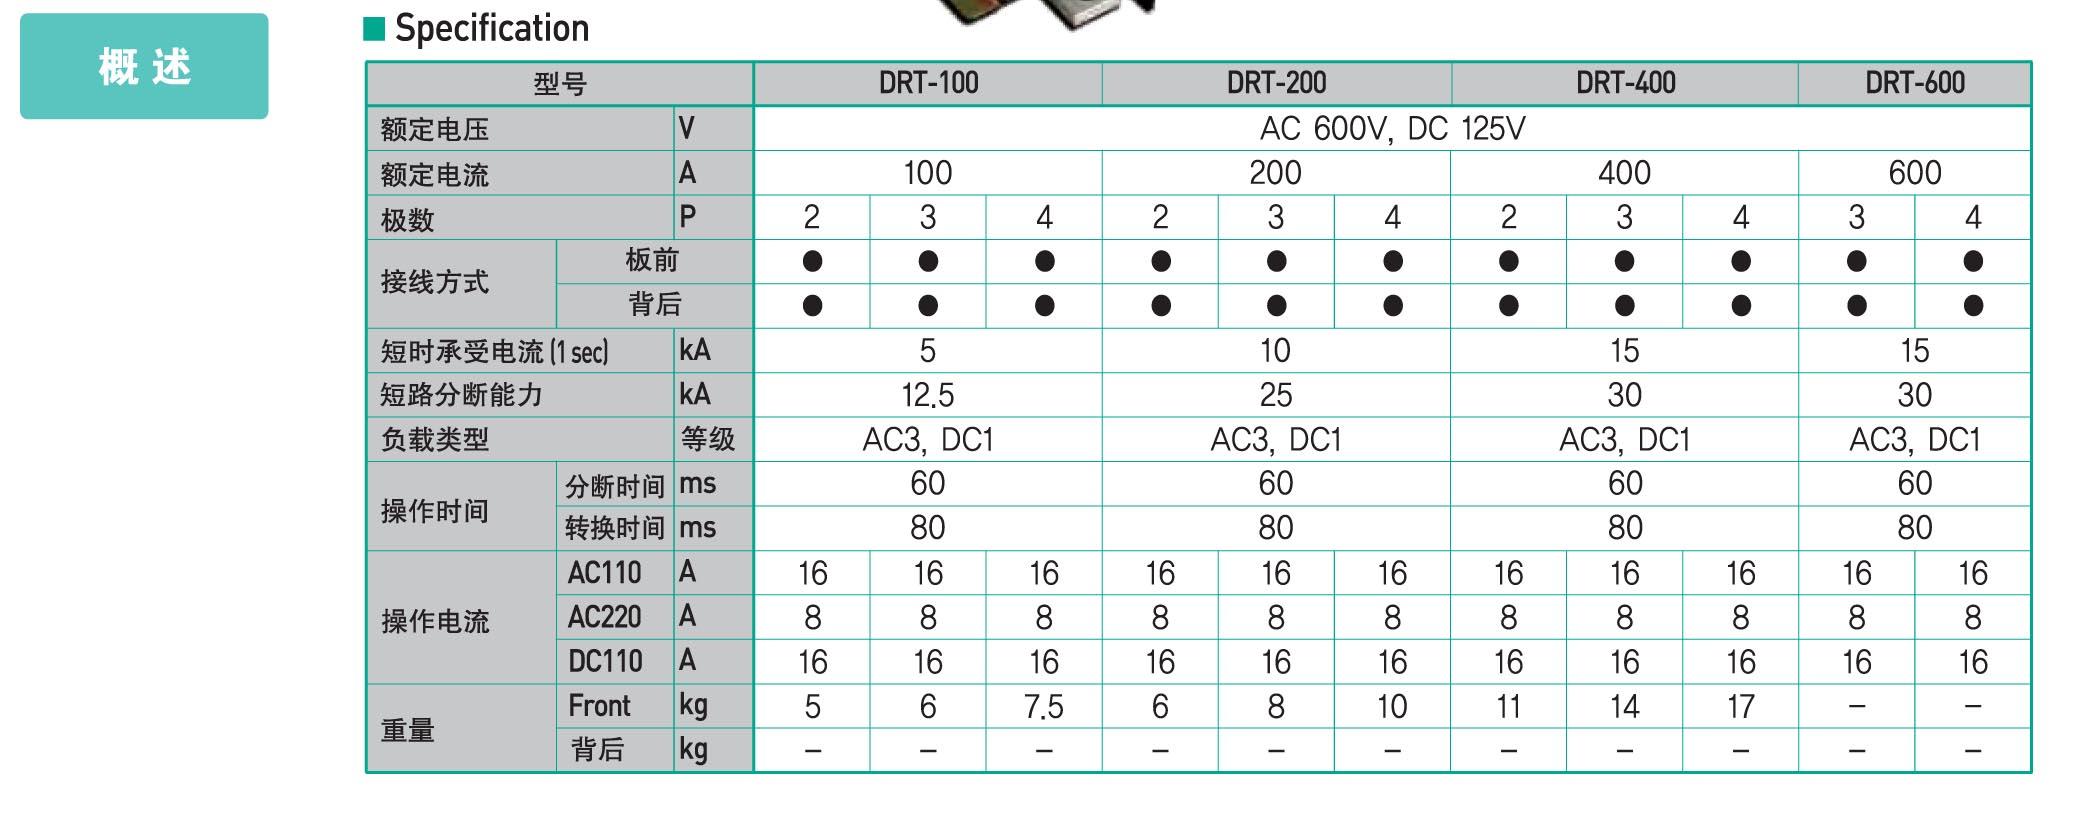 自动转换开关主要用于交流不超过1000V直流不超过1500V的紧急供电系统,用于两路电源切换,在转换电源期间中断对负载供电,PC级能接接通,承载,但不用于分断短路电流,CB级配备过电流脱扣器,它的主触头能接通并分断短路电流. DACO ATS命名:DRA-100/(3P,4P),额定电压AC600V,DC125V 额定电流1000A,短时承受电流(1S,22KA),短时分断能力50KA,操作时间(分断时间90ms,转换时间120ms)